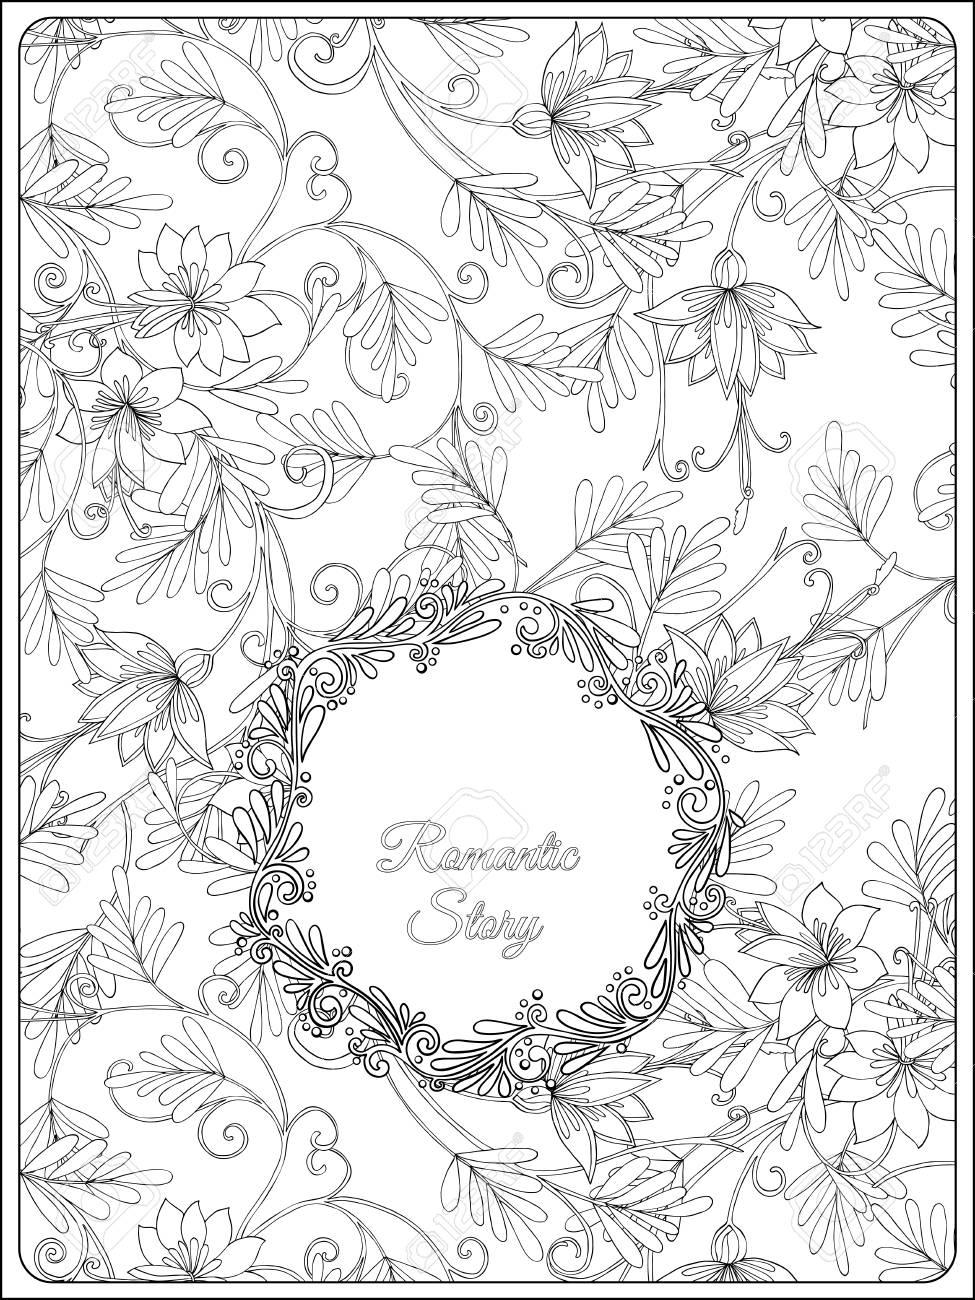 Estampado De Flores Para Colorear Página Del Adulto Witf Y El Marco Para El Texto Dibujo De Esquema Ilustración Del Vector